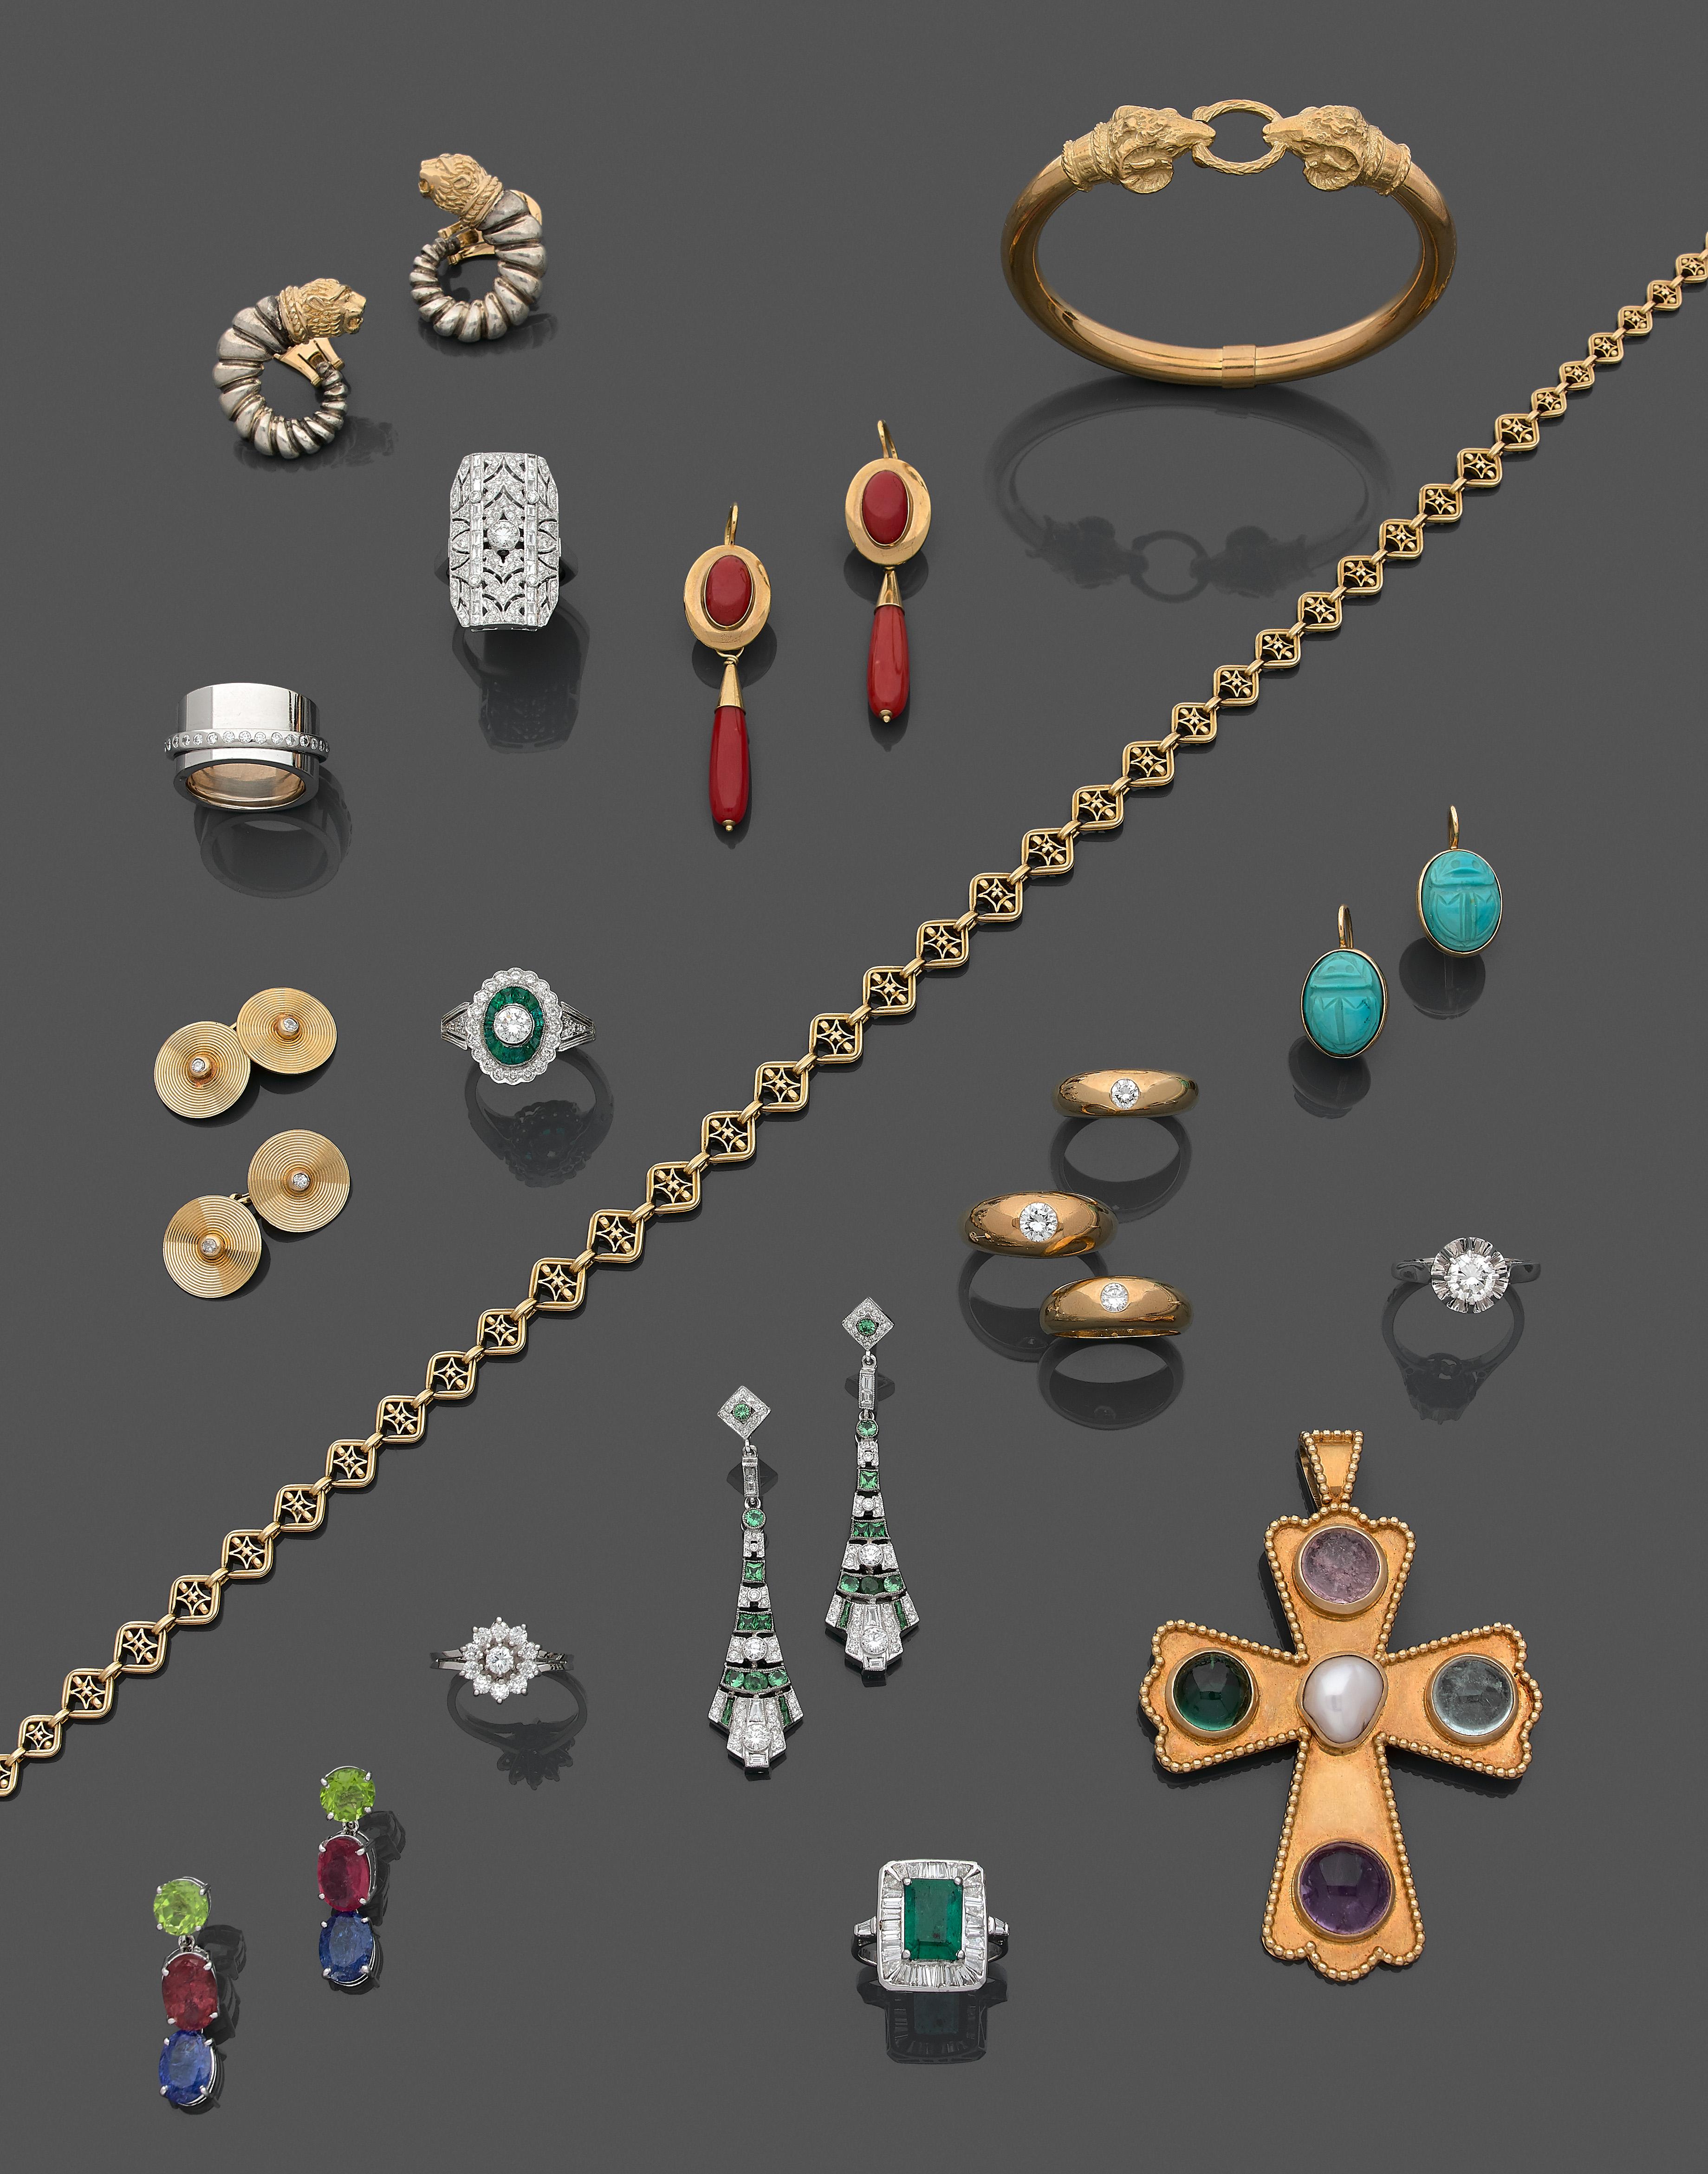 vente nice 28 mai 2020 bijoux